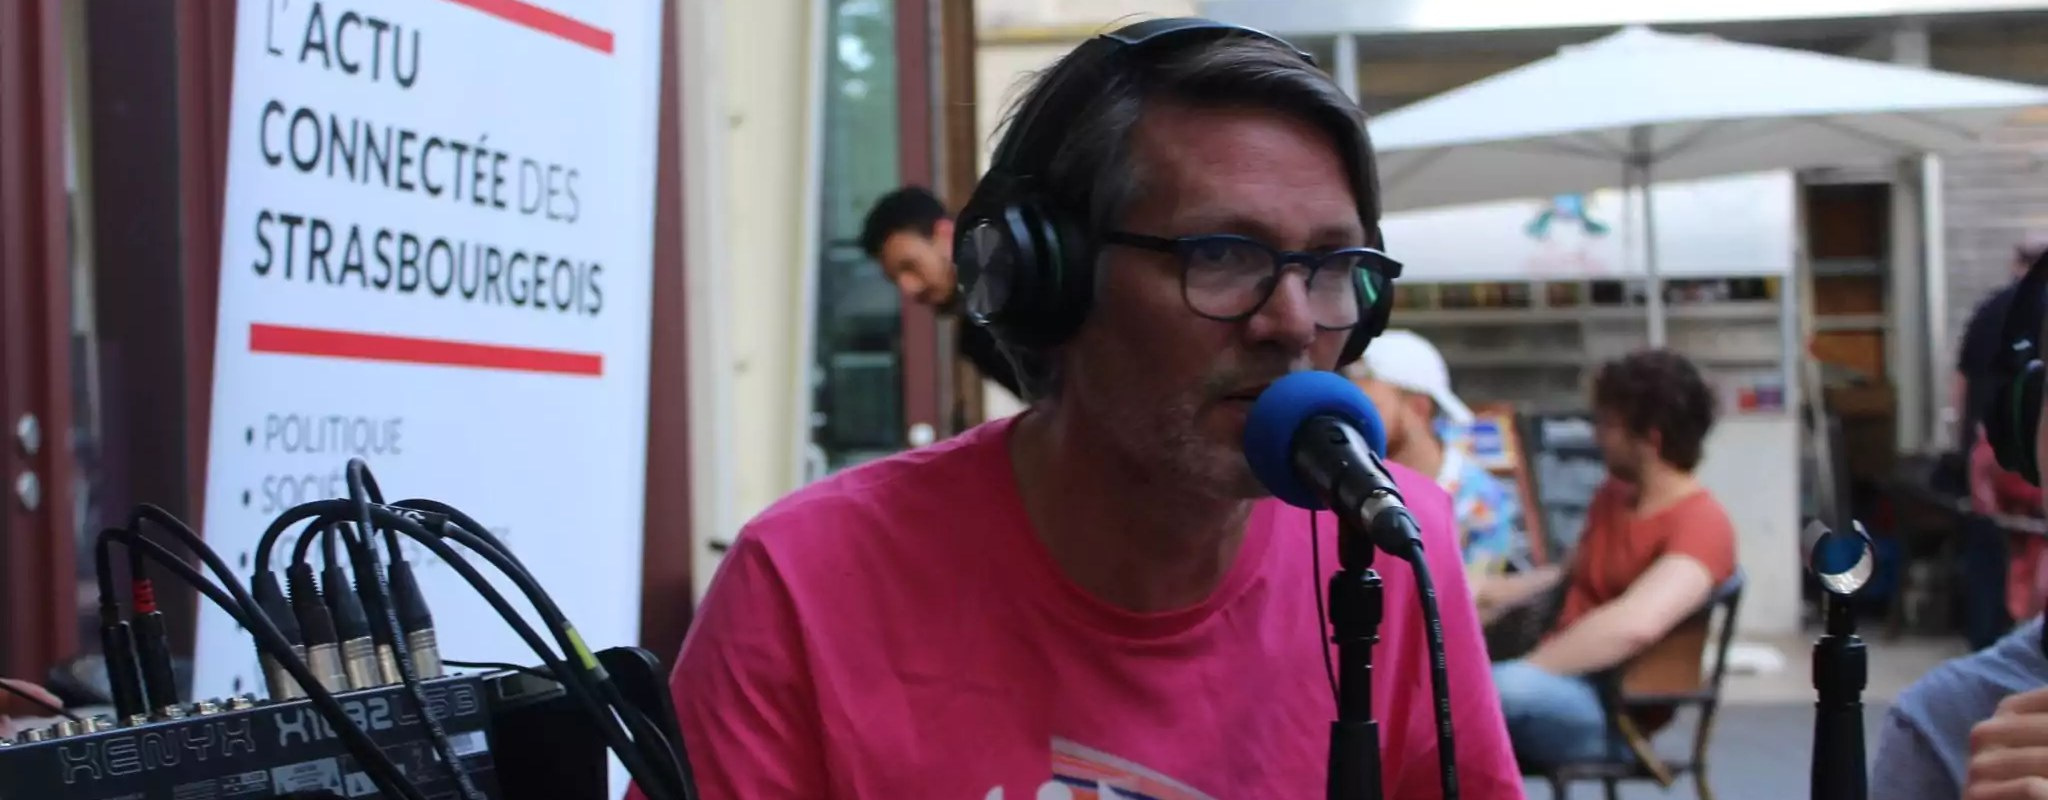 Réécoutez 89dB au Café du TNS, on a parlé funk, punk, électro et micro-théâtre